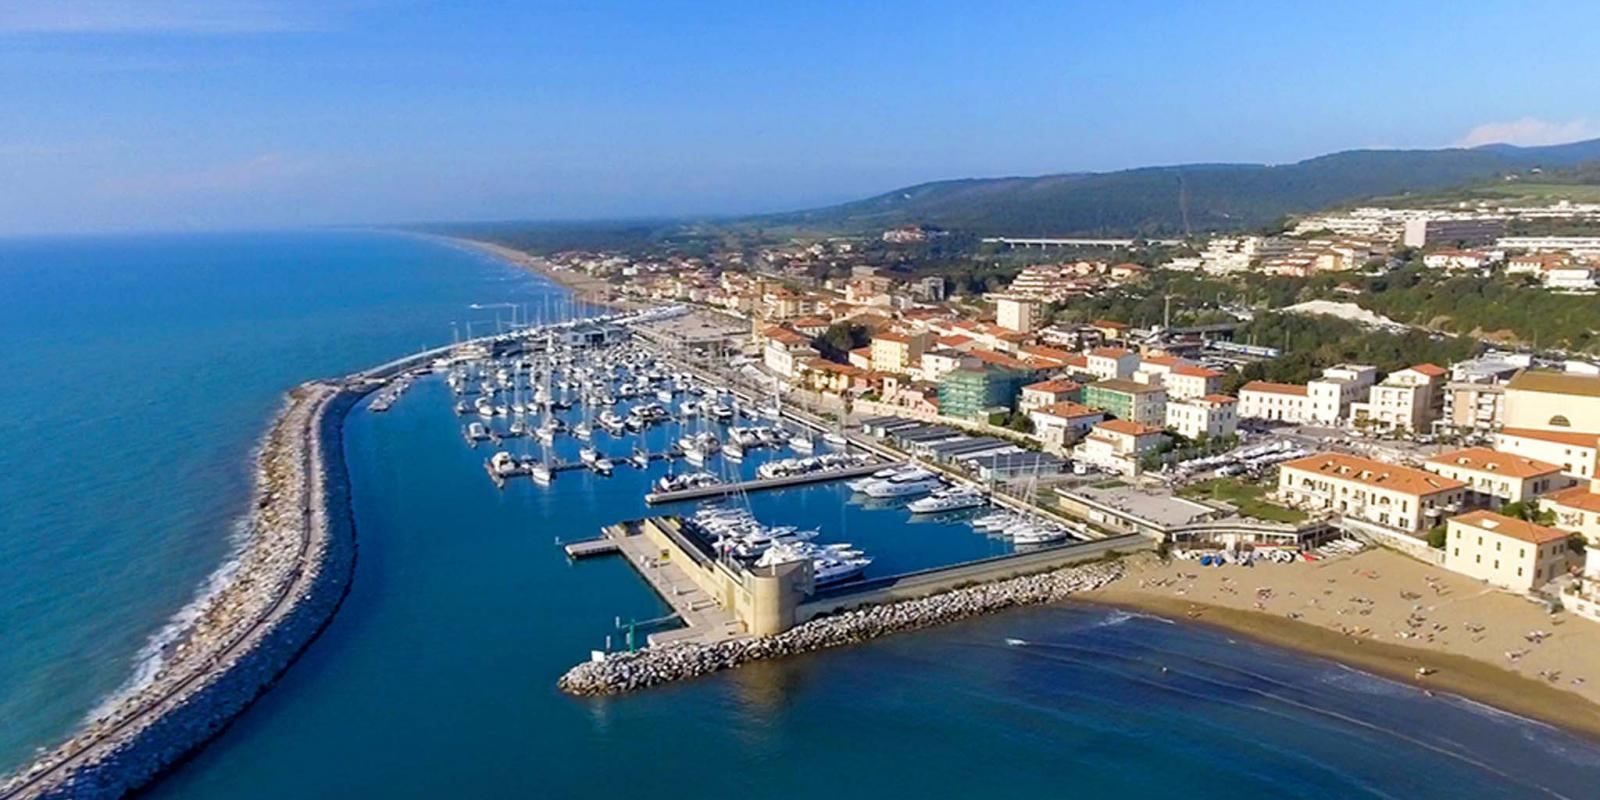 Foto panoramica di San Vincenzo e il mare della Toscana